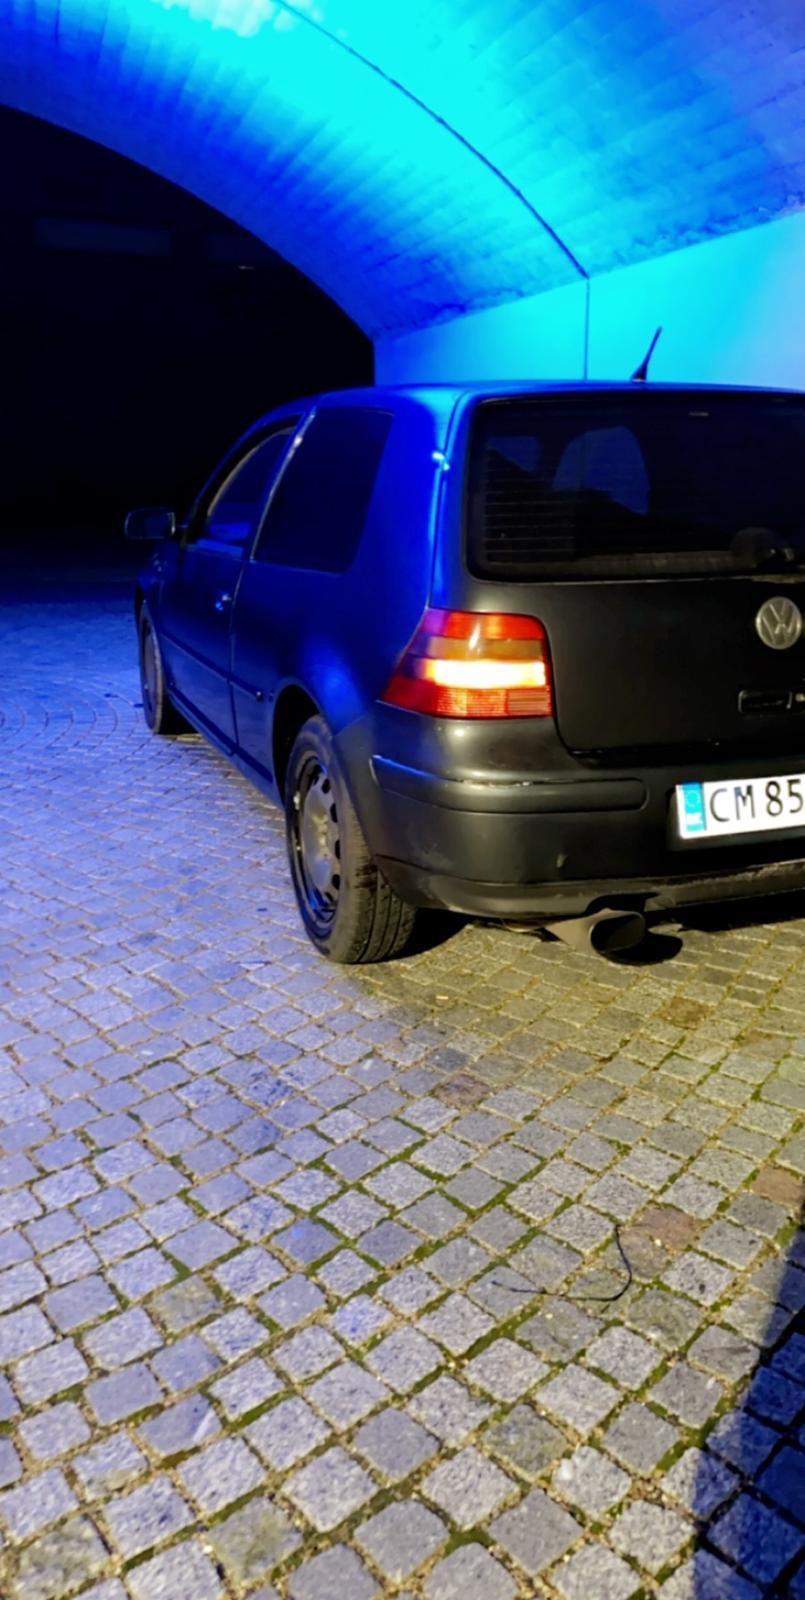 VW Golf 4 billede 1